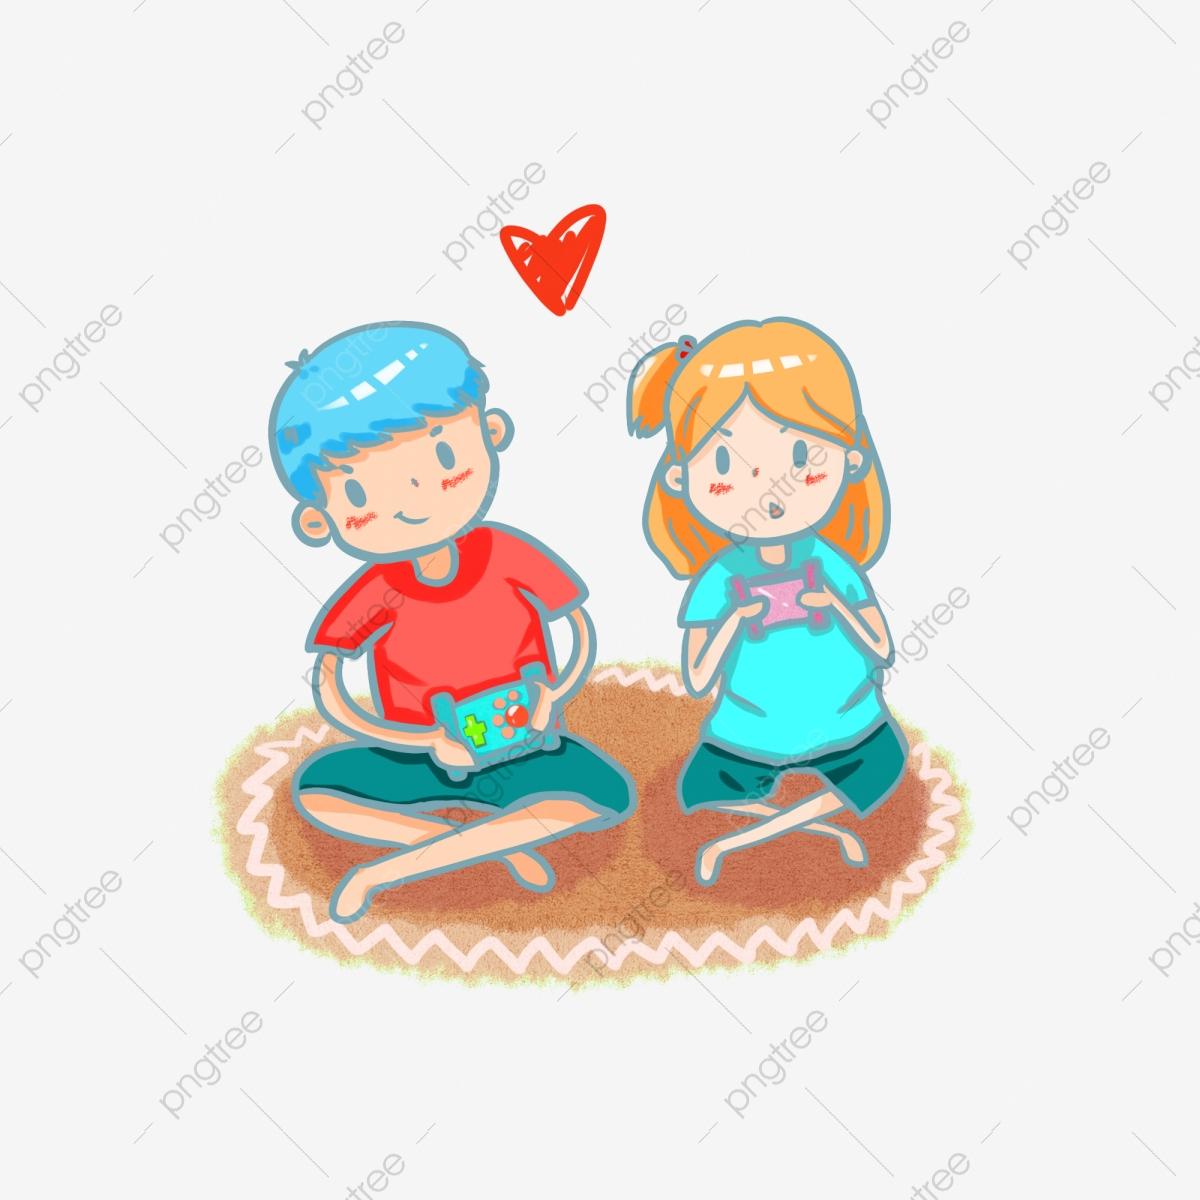 La Datation Jouer À Des Jeux Jeu Garçon, Couple, Le, Jeu pour Jeux Gratuit De Garçon